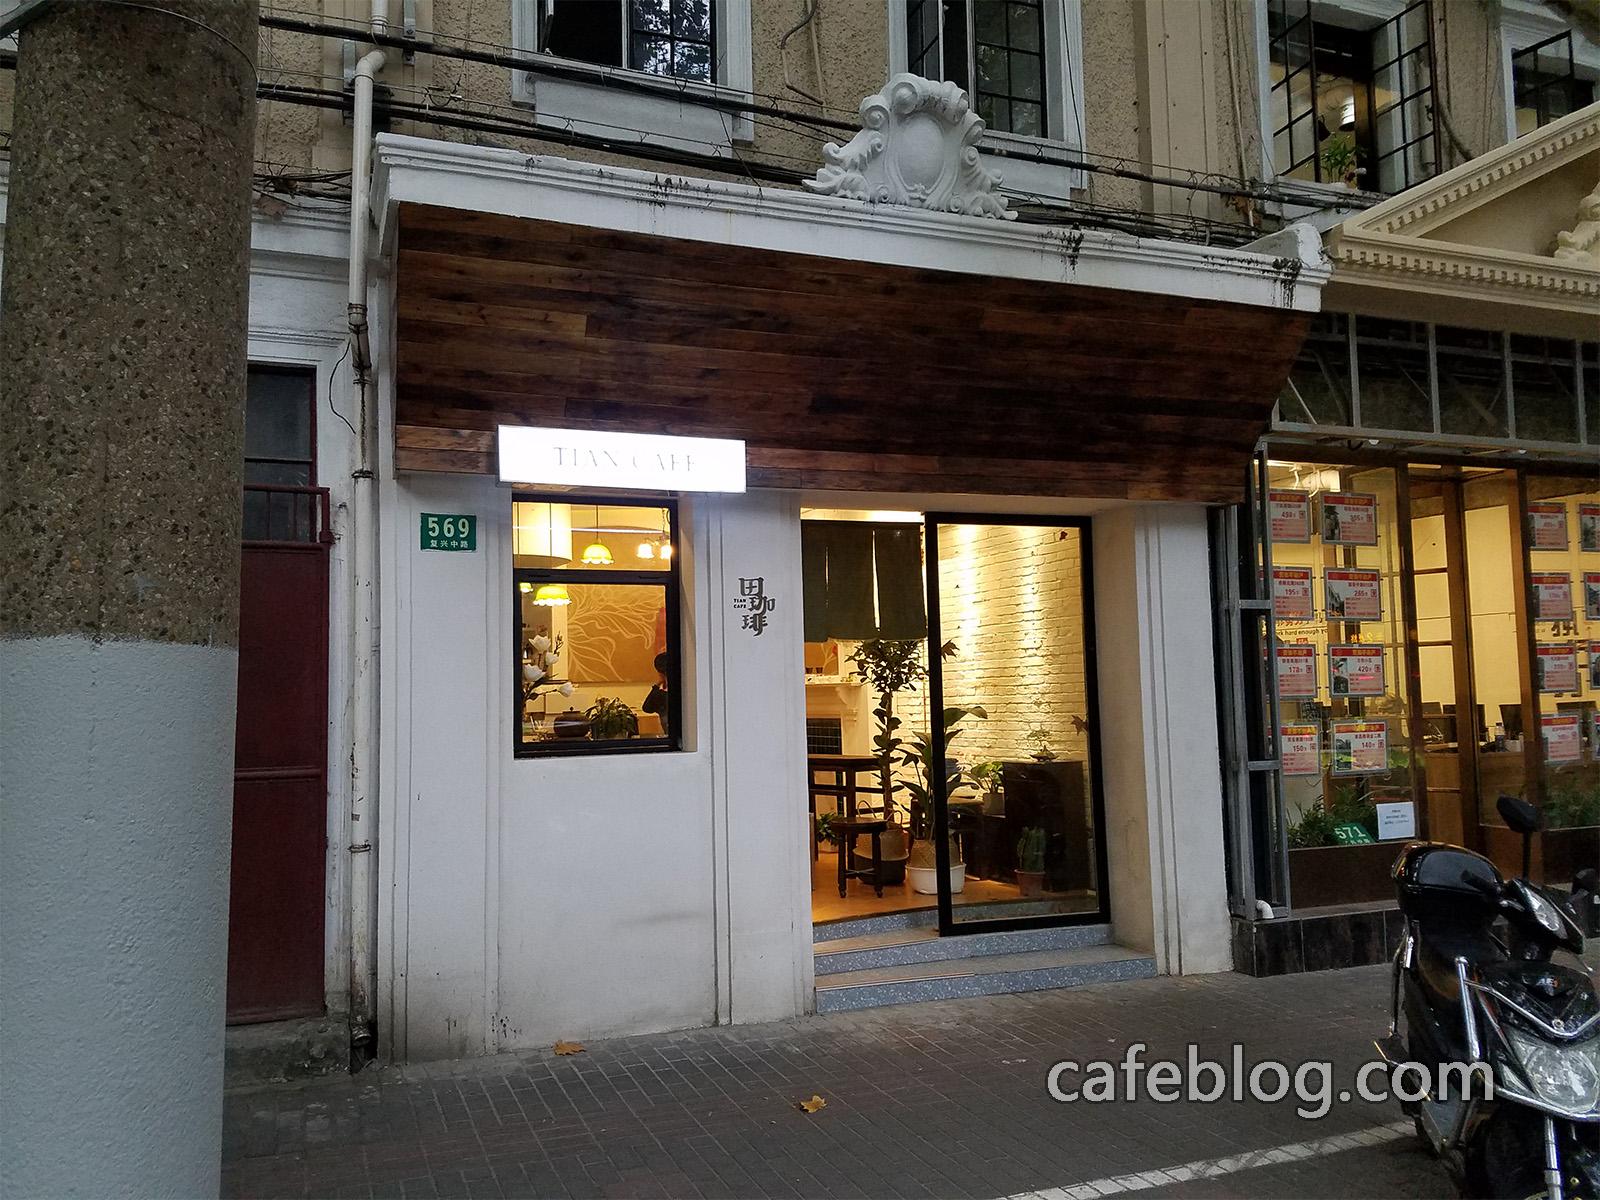 本次安装地址是上海市黄浦区复兴中路569号的 田珈啡(Tian Cafe)